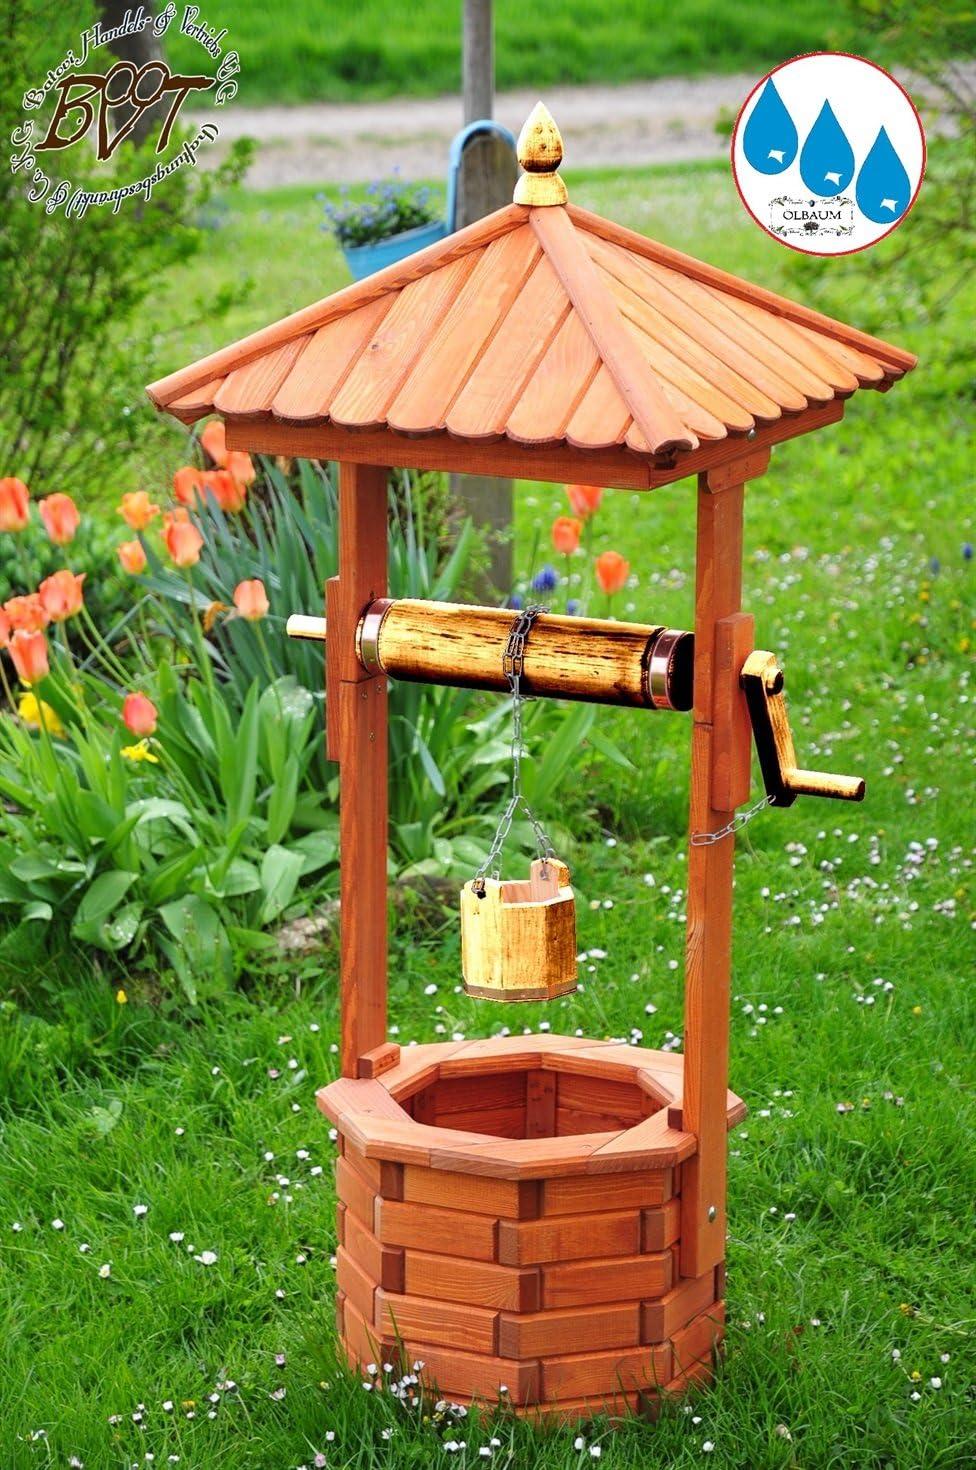 XXL Diseño de pozo, con dorado metálico, Jardín Brunnen aprox. 130 – 140 cm, einstöckig clásico con rollo & cubo EXP140 de gris de OS, completamente funcionales, con detalles, Gris claro Cadena